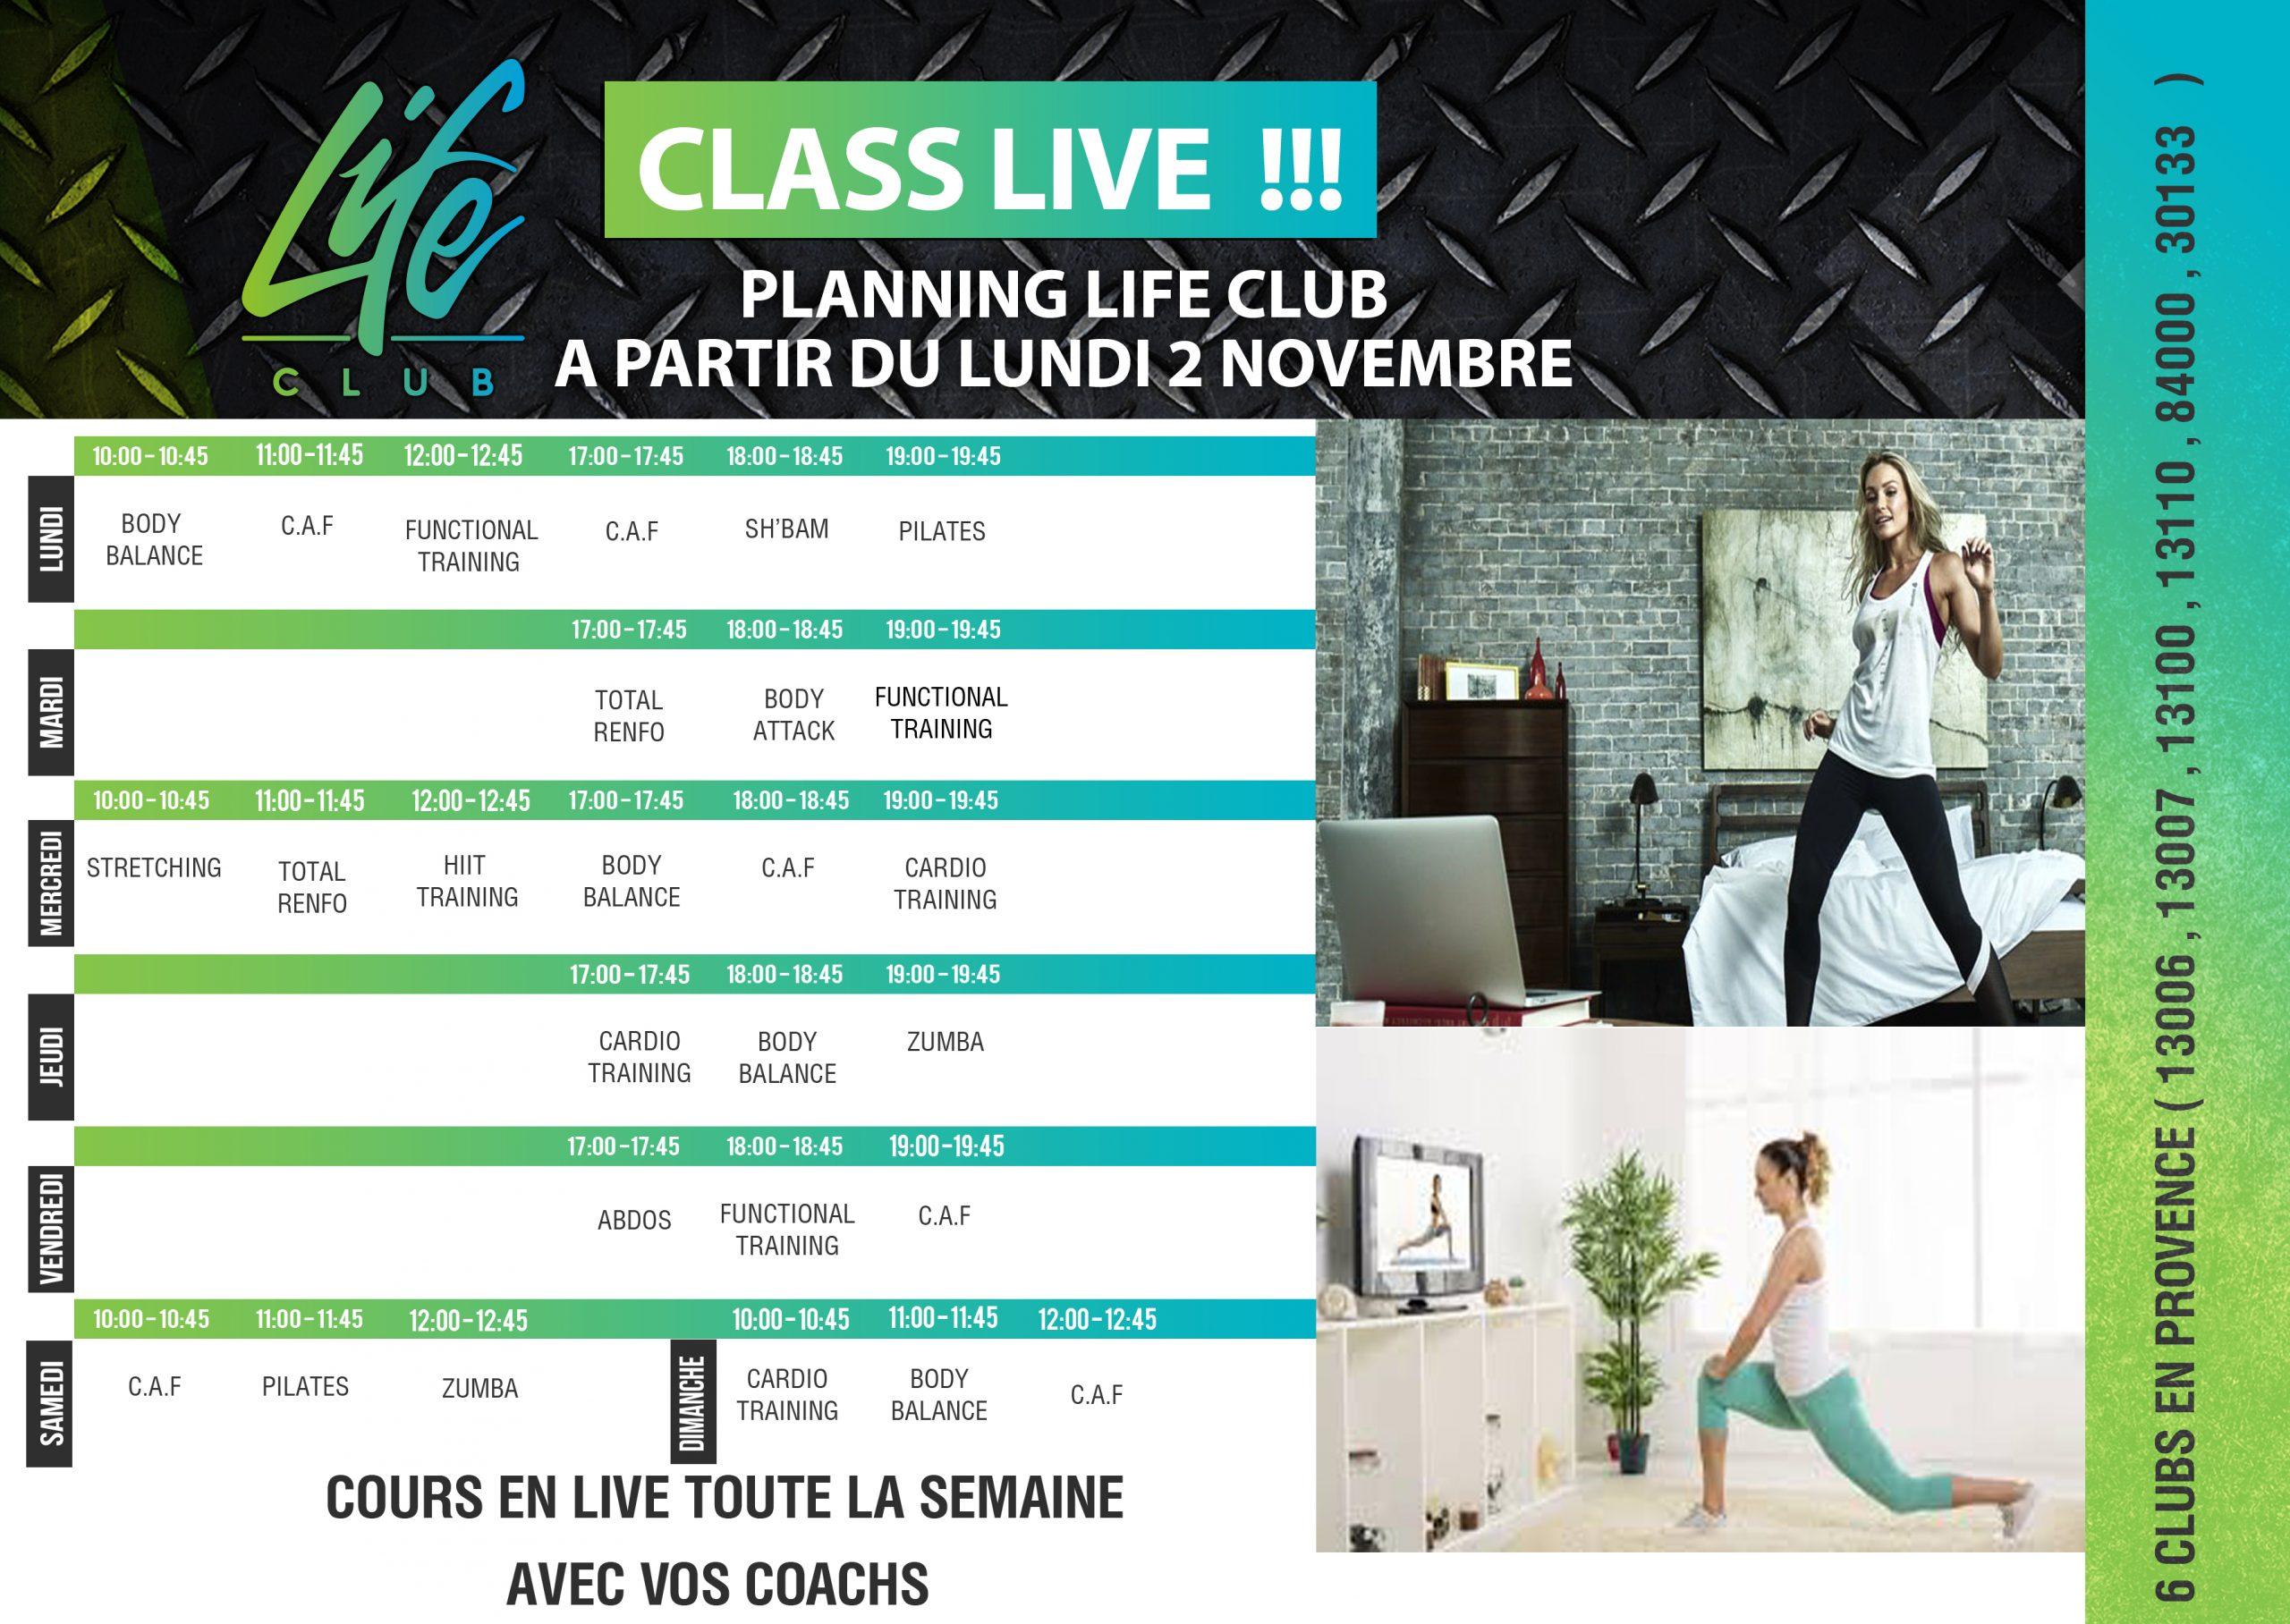 votre planning de cours de fitness live